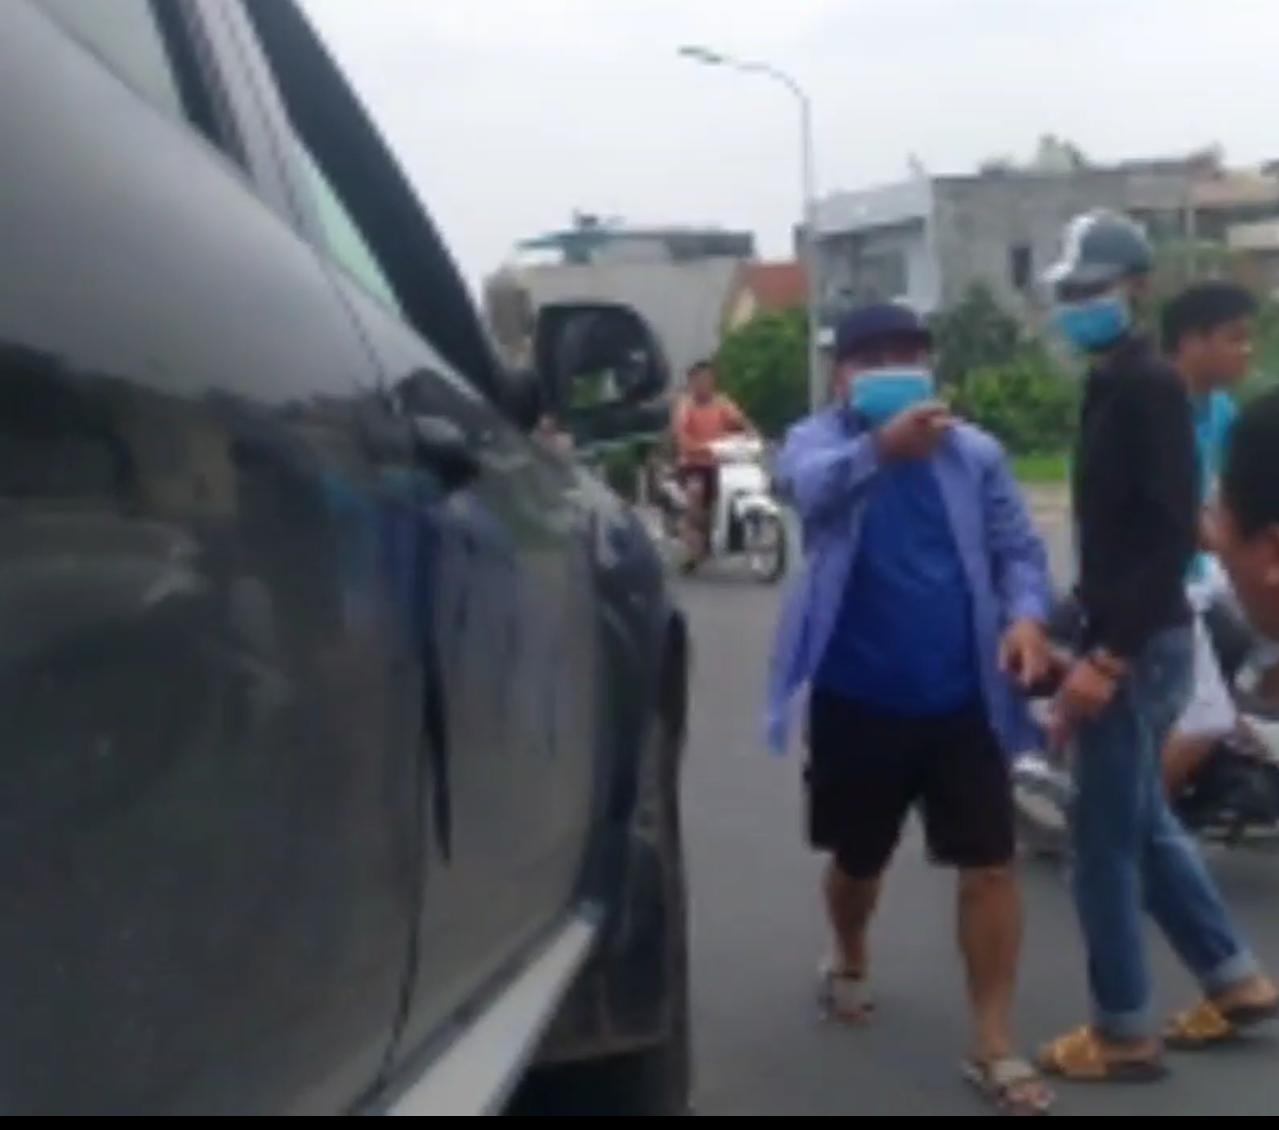 Đối tượng bịt mặt hung hãn chửi bới vào lao về phía phóng viên Báo Tuổi trẻ Thủ đô để tấn công.